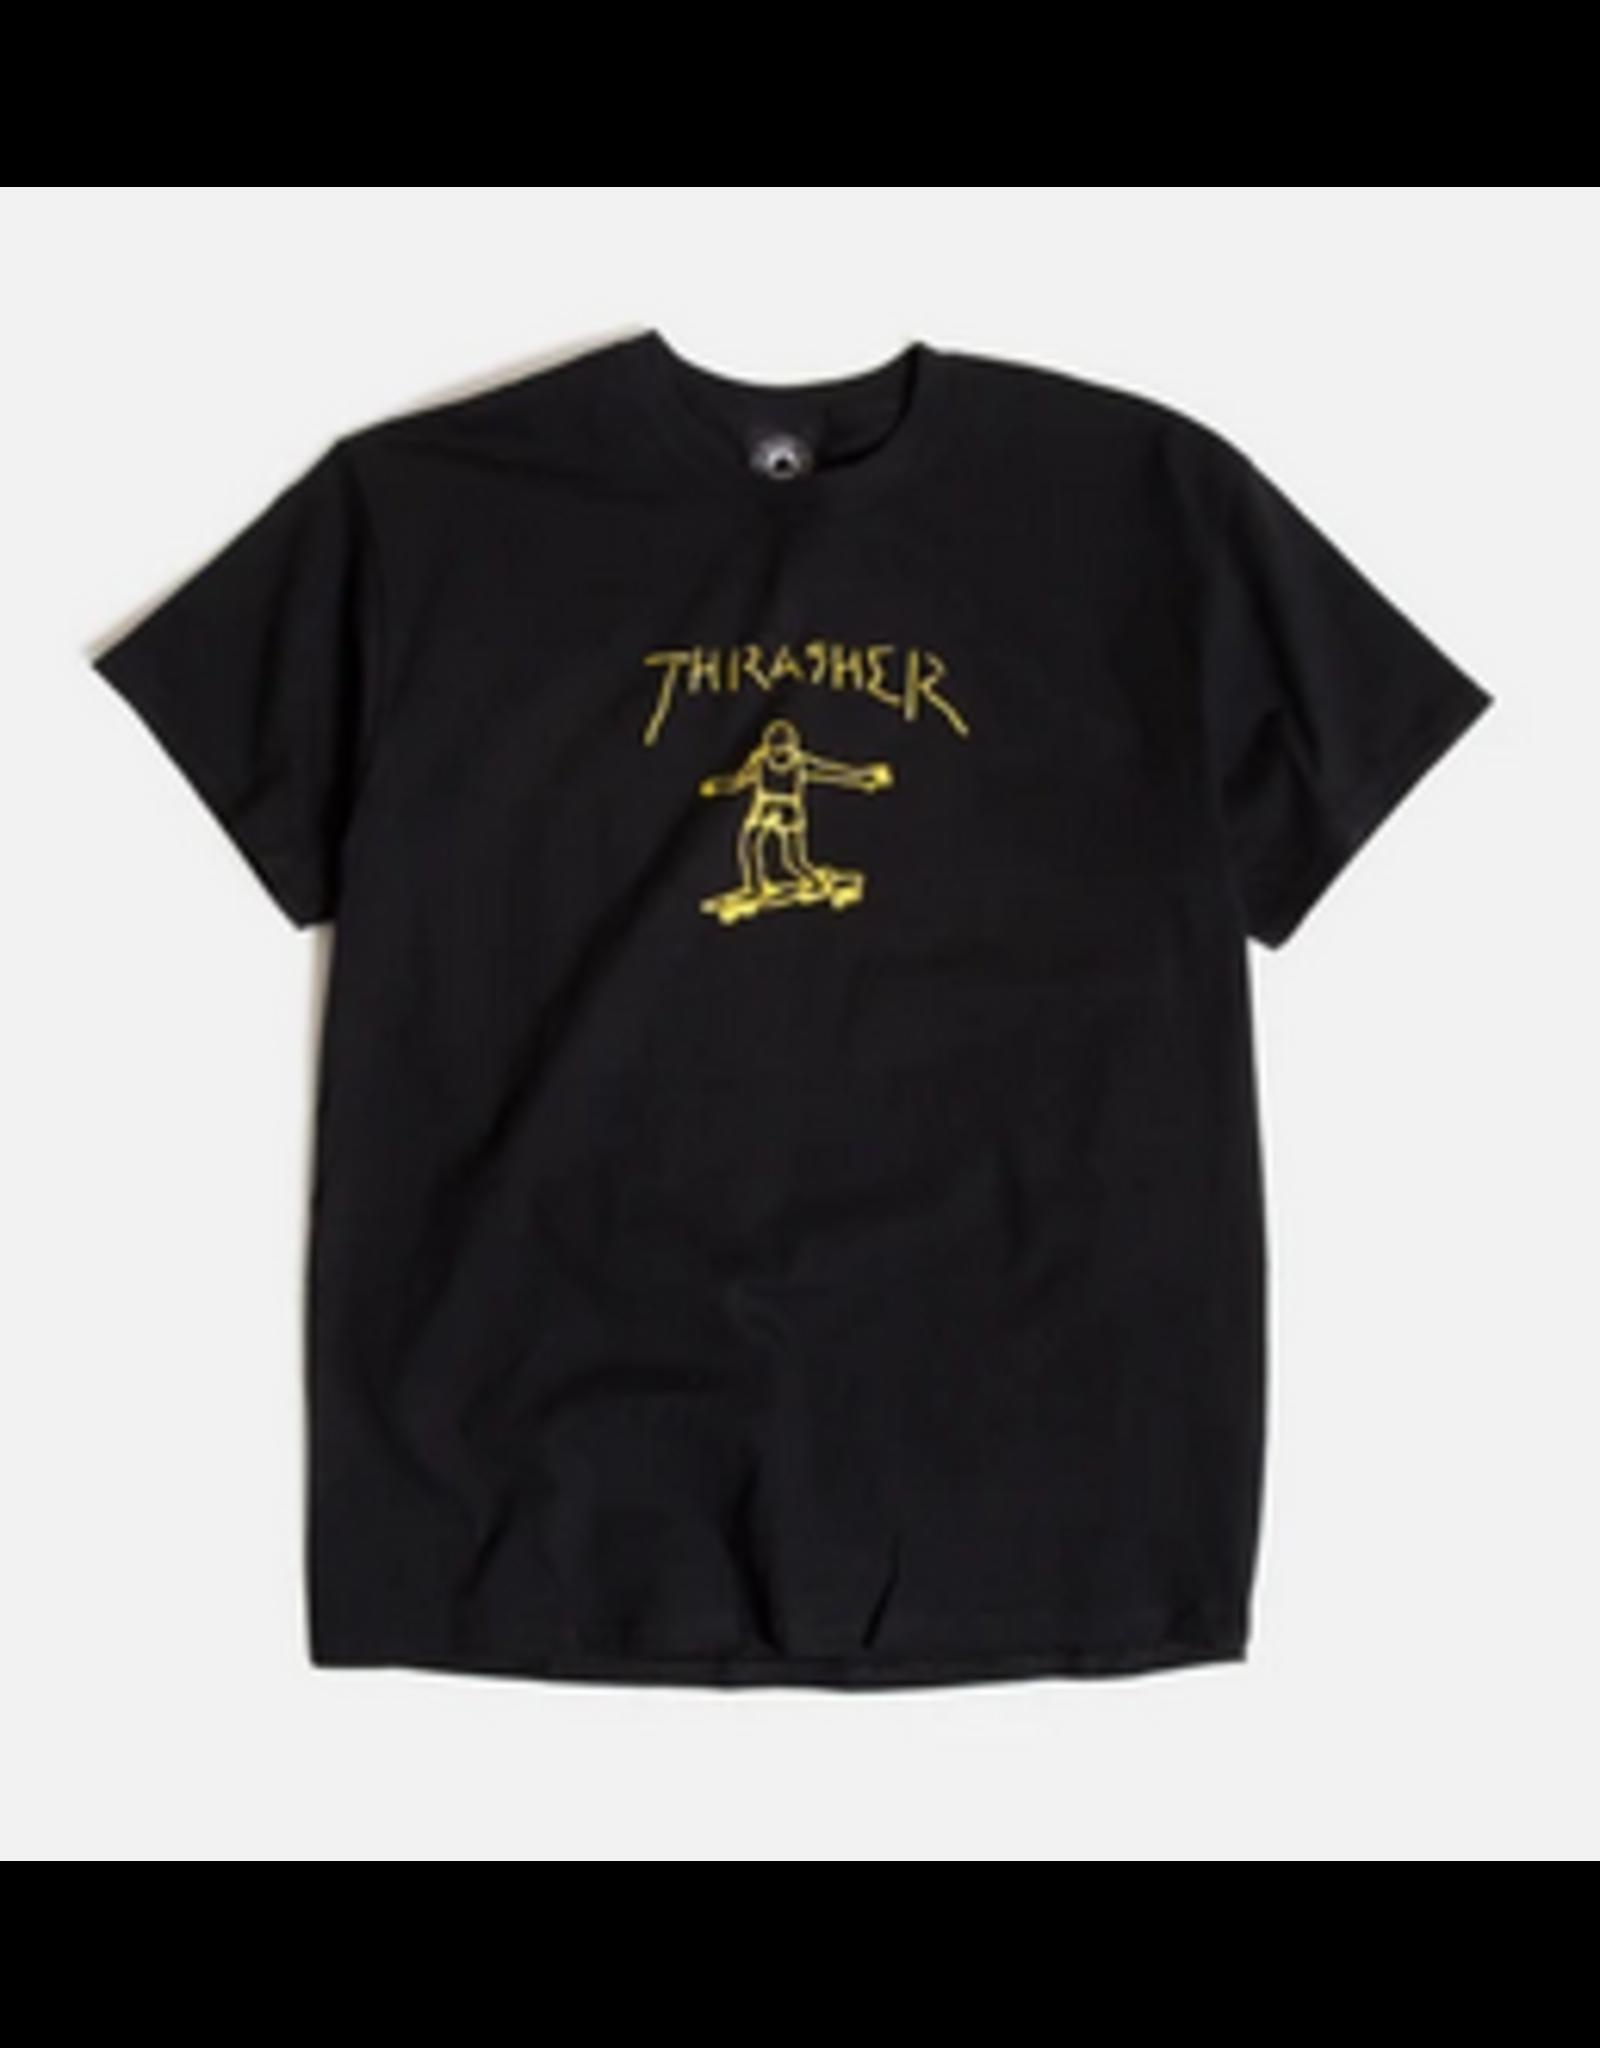 THRASHER THRASHER GONZ TEE SHIRT